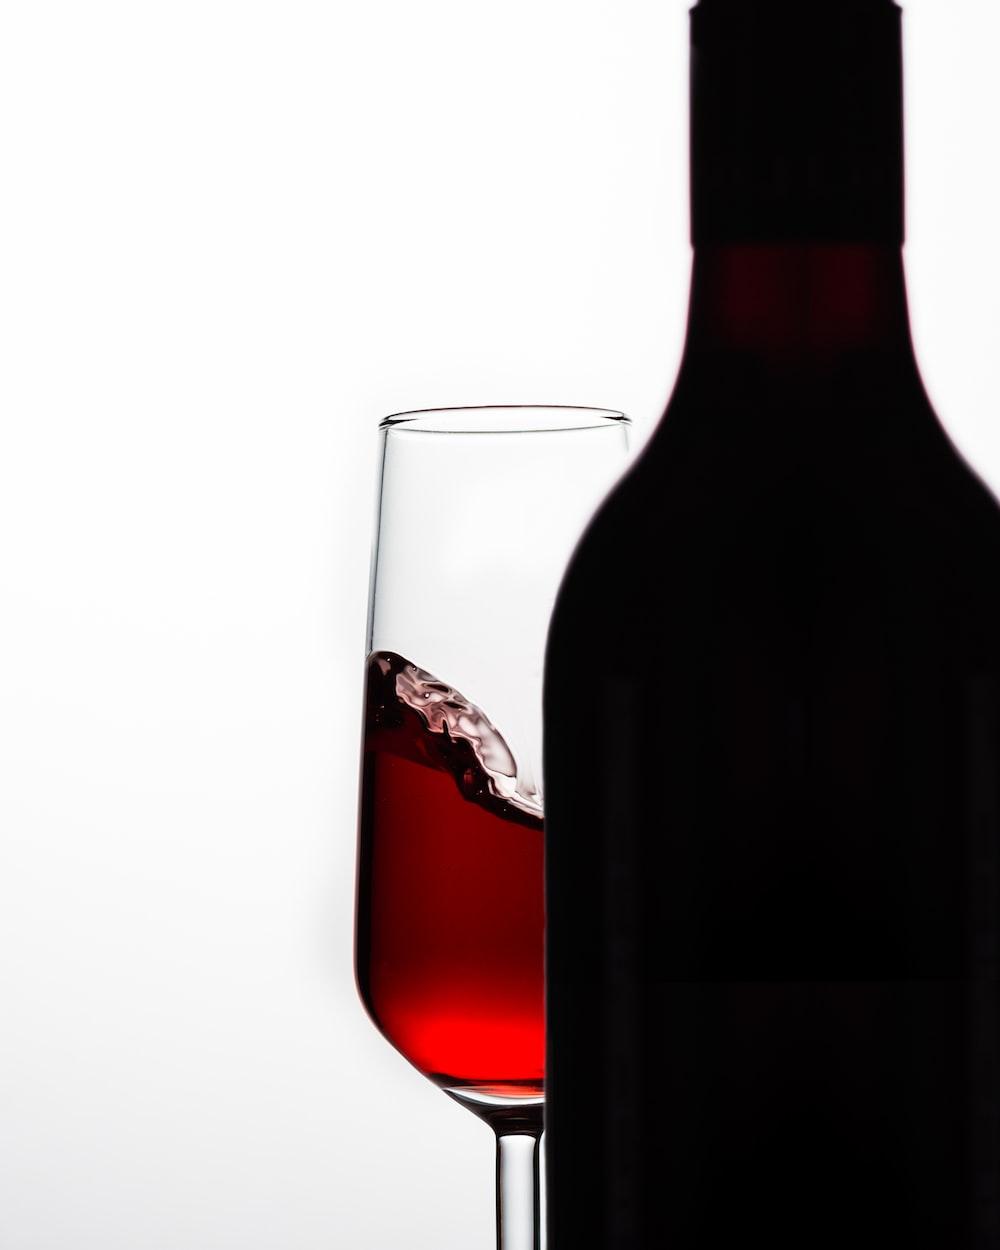 black wine bottle